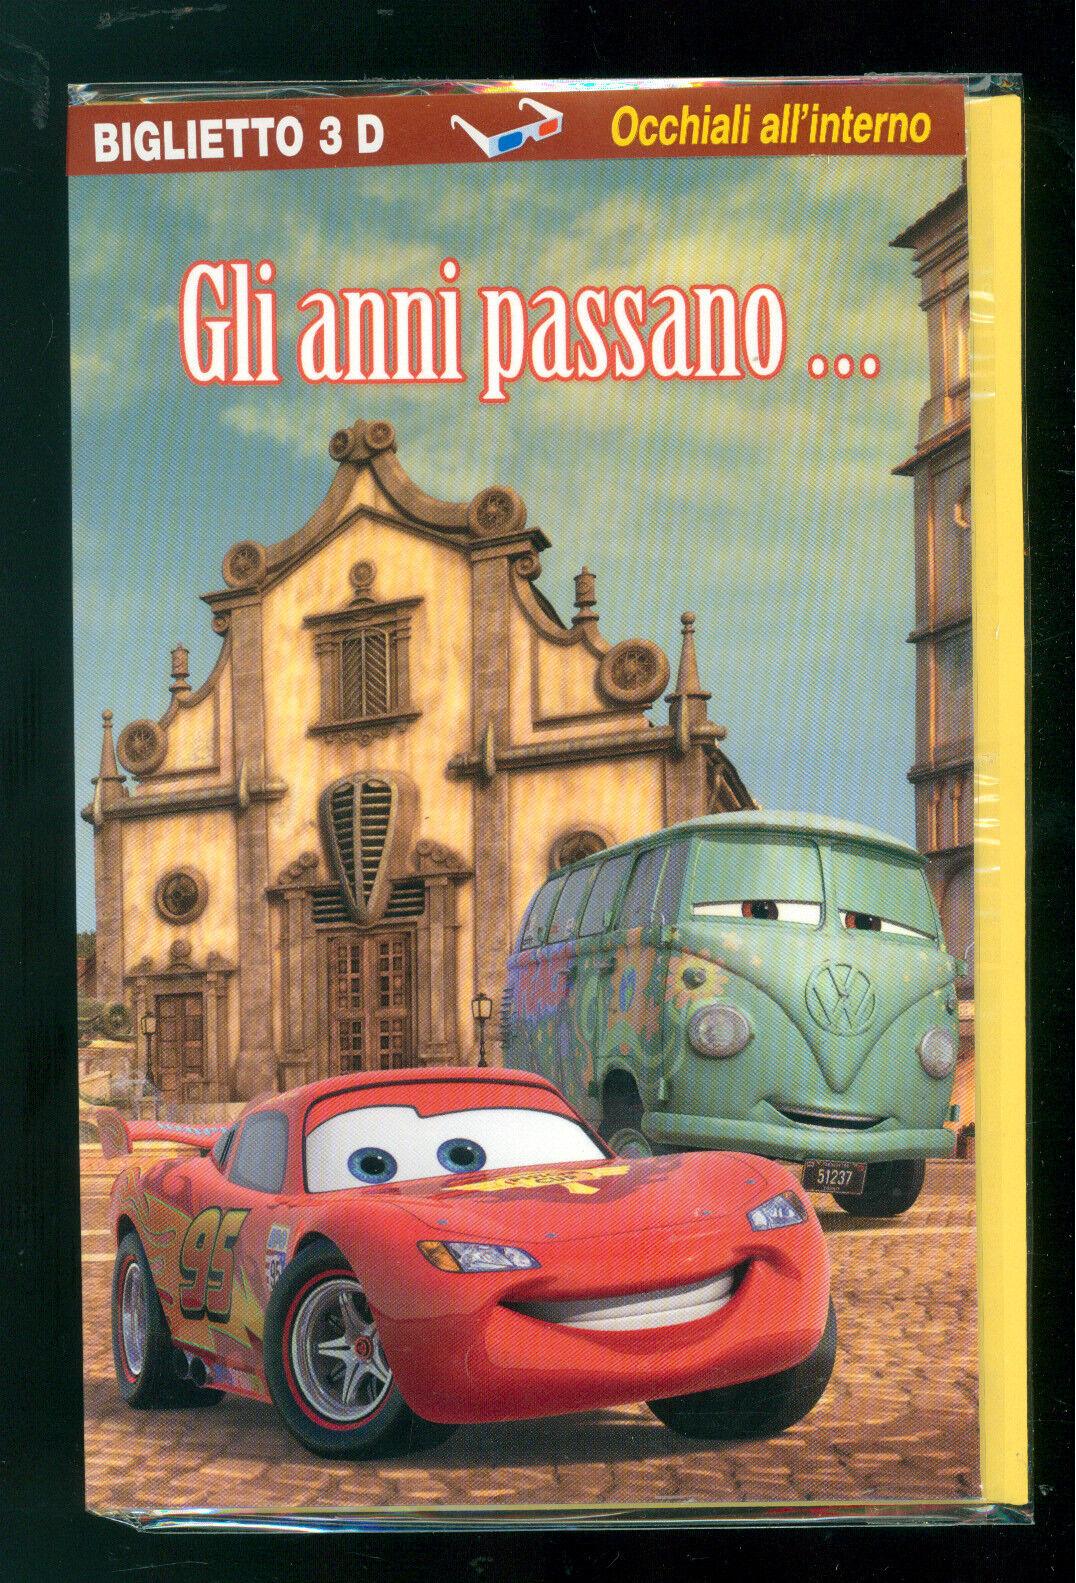 DISNEY CARS 2 BIGLIETTO AUGURI GIFT CARD 3D OCCHIALI MEDIO EDITOR COMPLEANNO